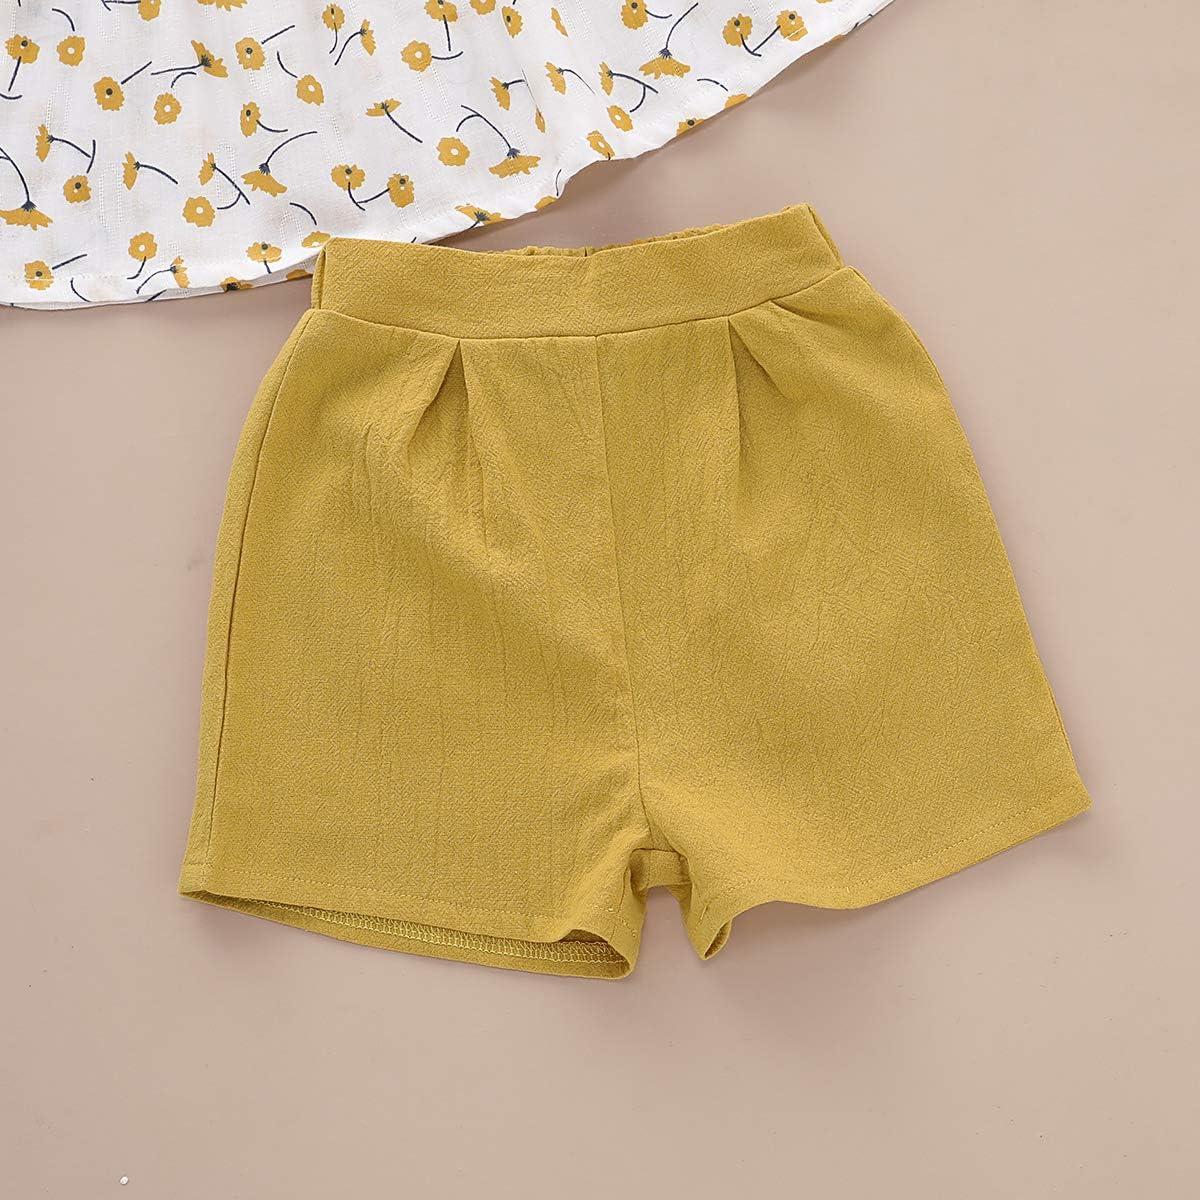 DaMohony 2 Pezzi Pantaloncini Gialli Completo da Bambina a Maniche Corte con Motivo Floreale